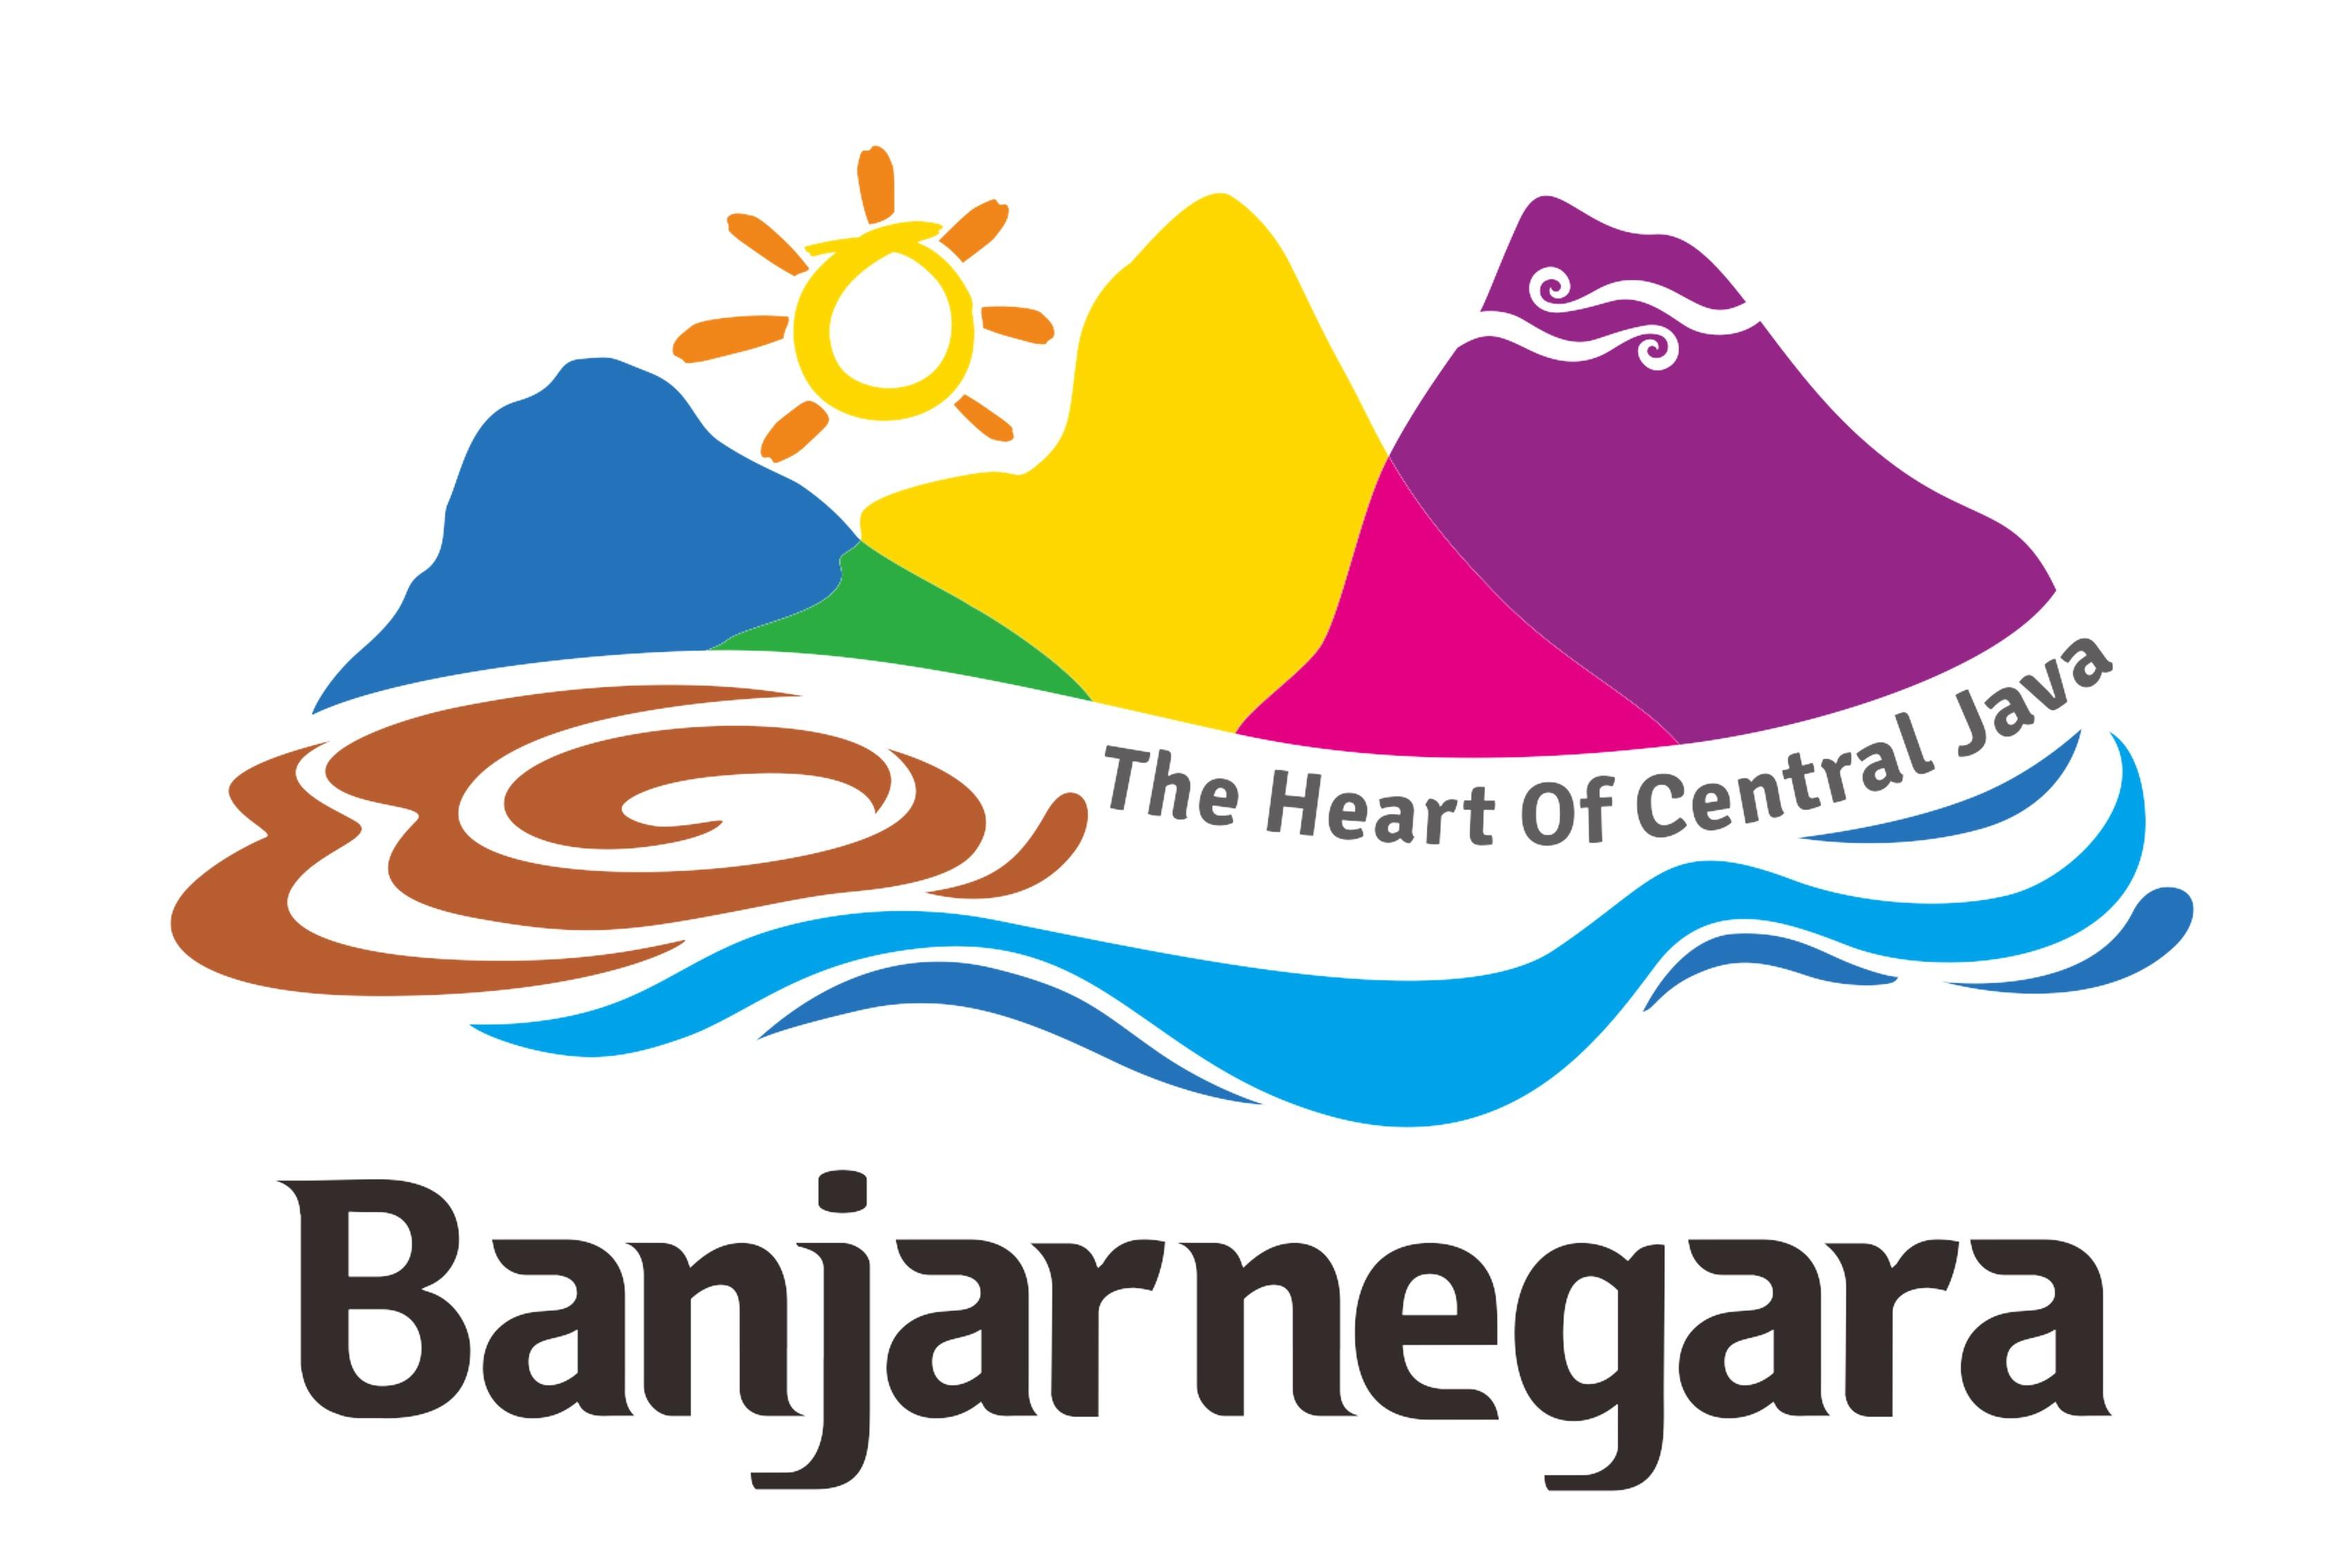 tourism-branding-pariwisata-banjarnegara-jpg-2